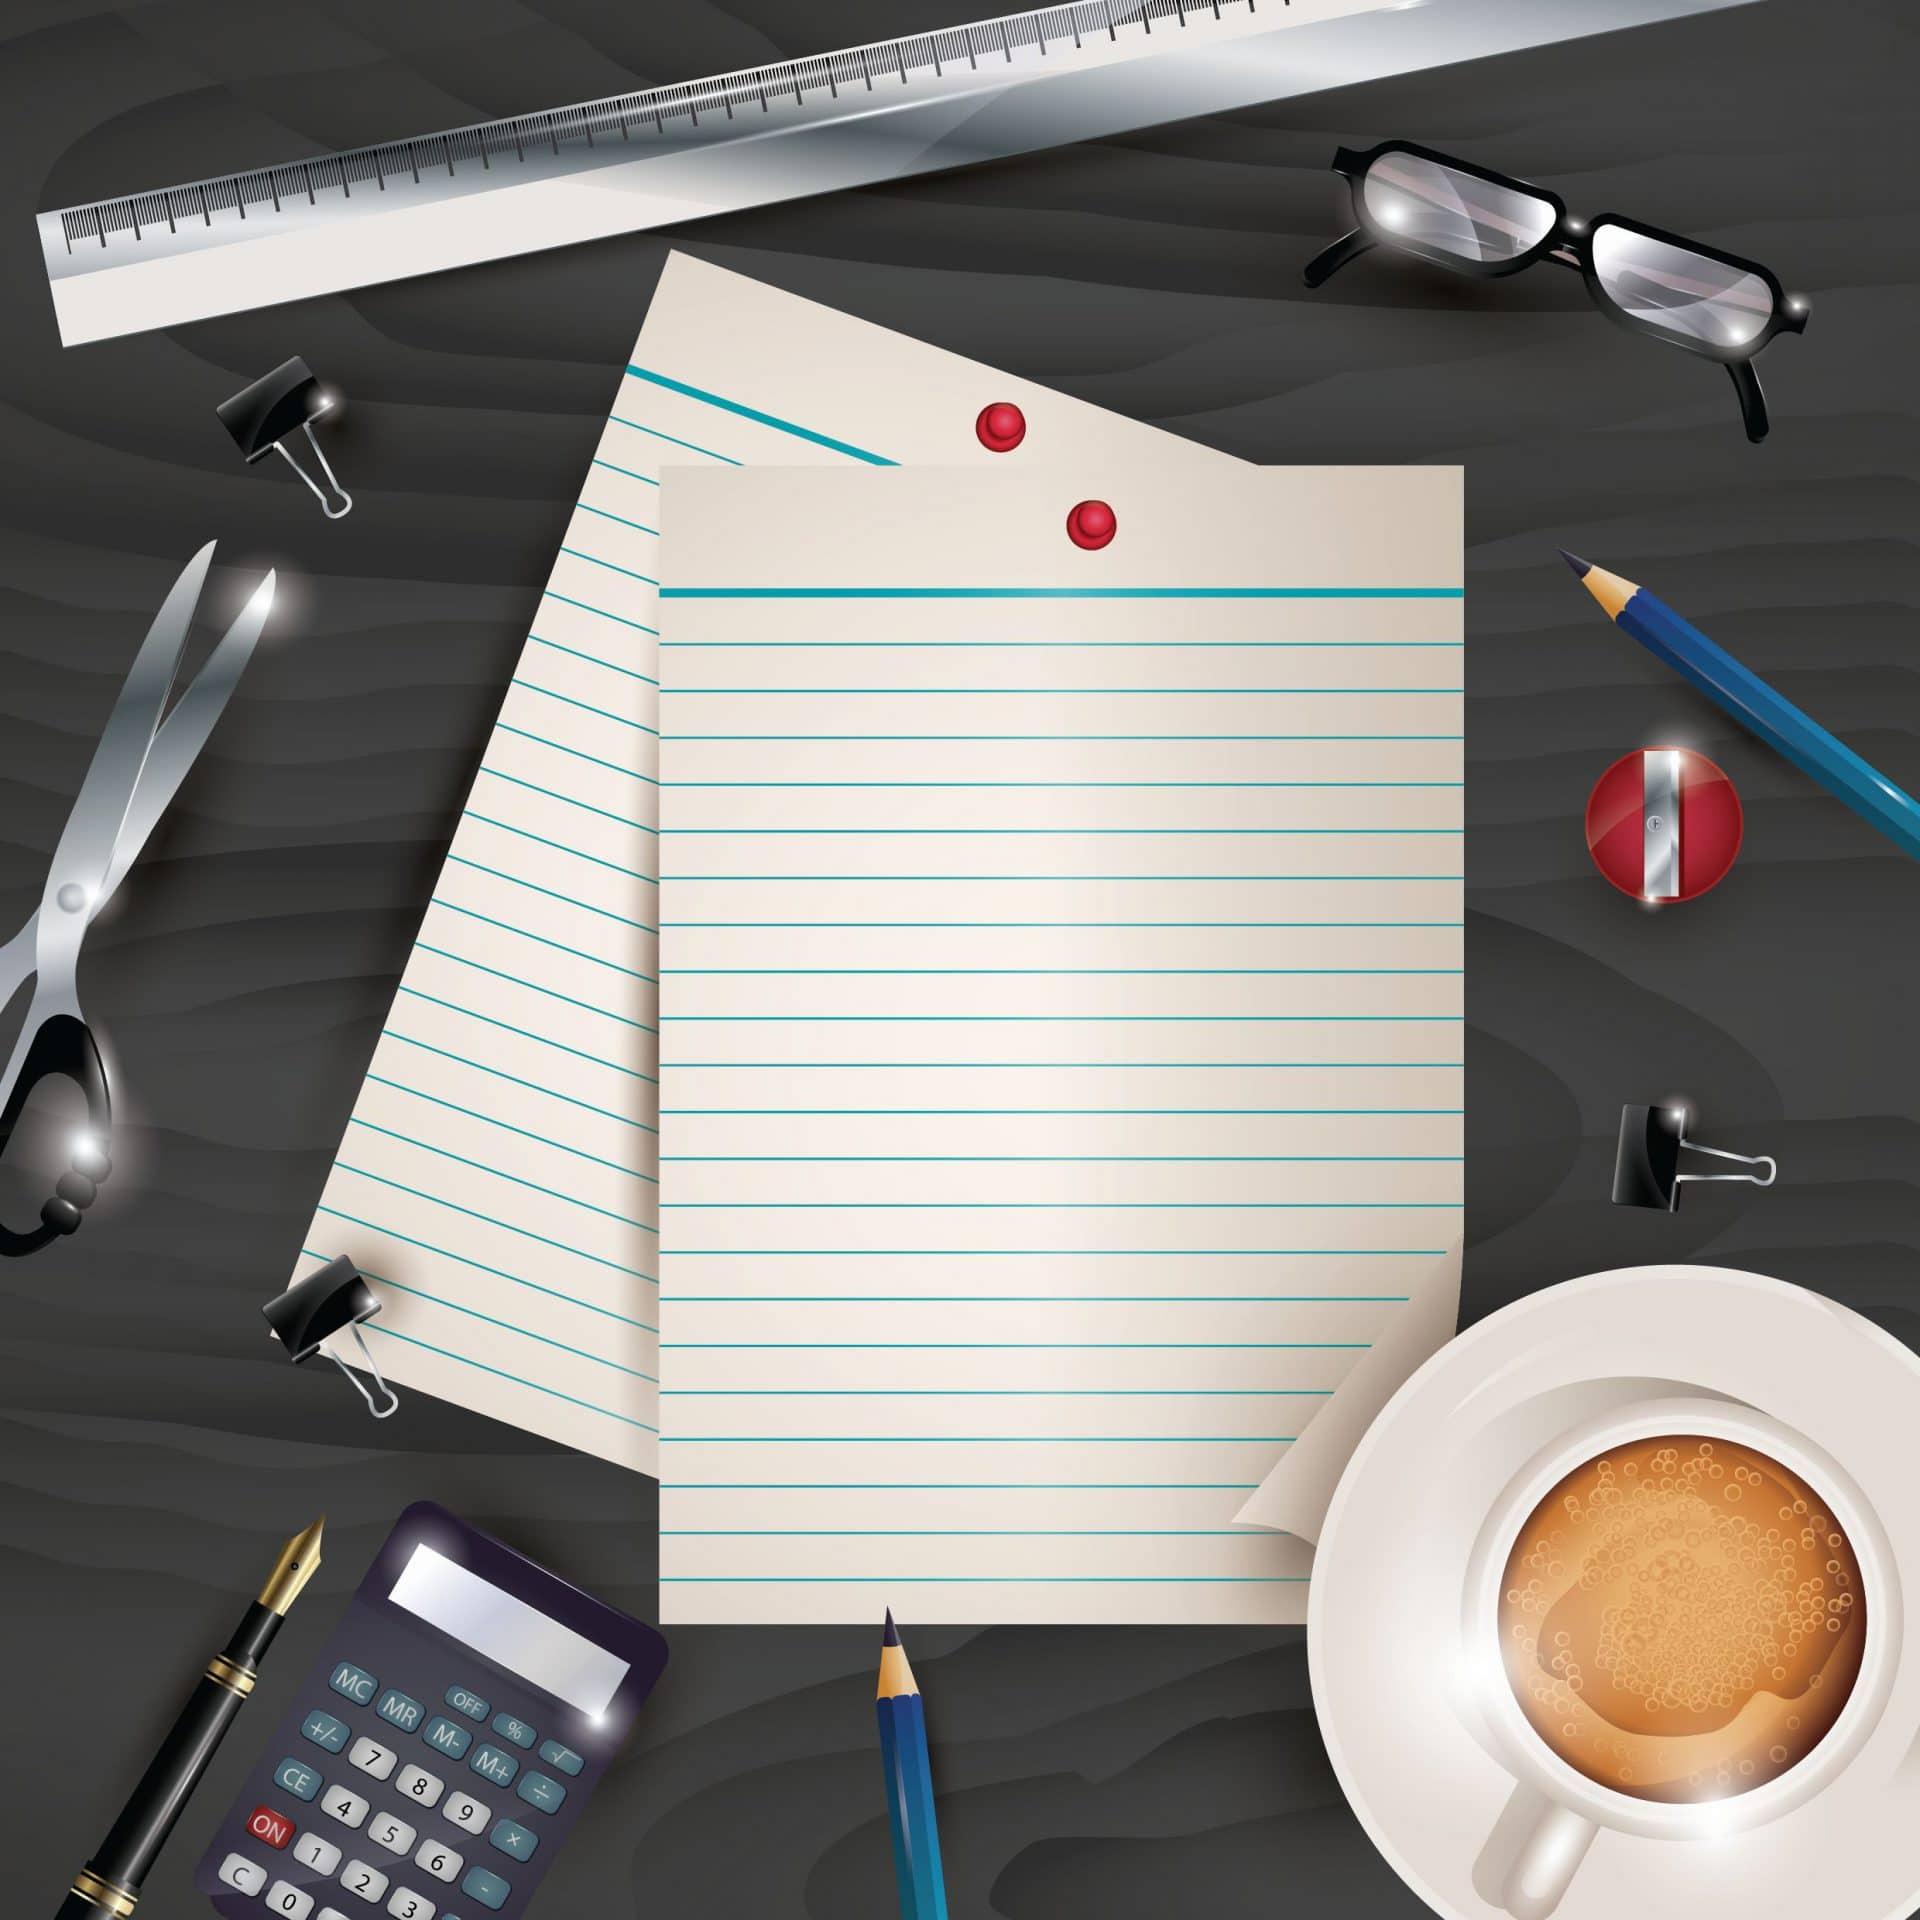 עטים – מהם המותגים הטובים ביותר?